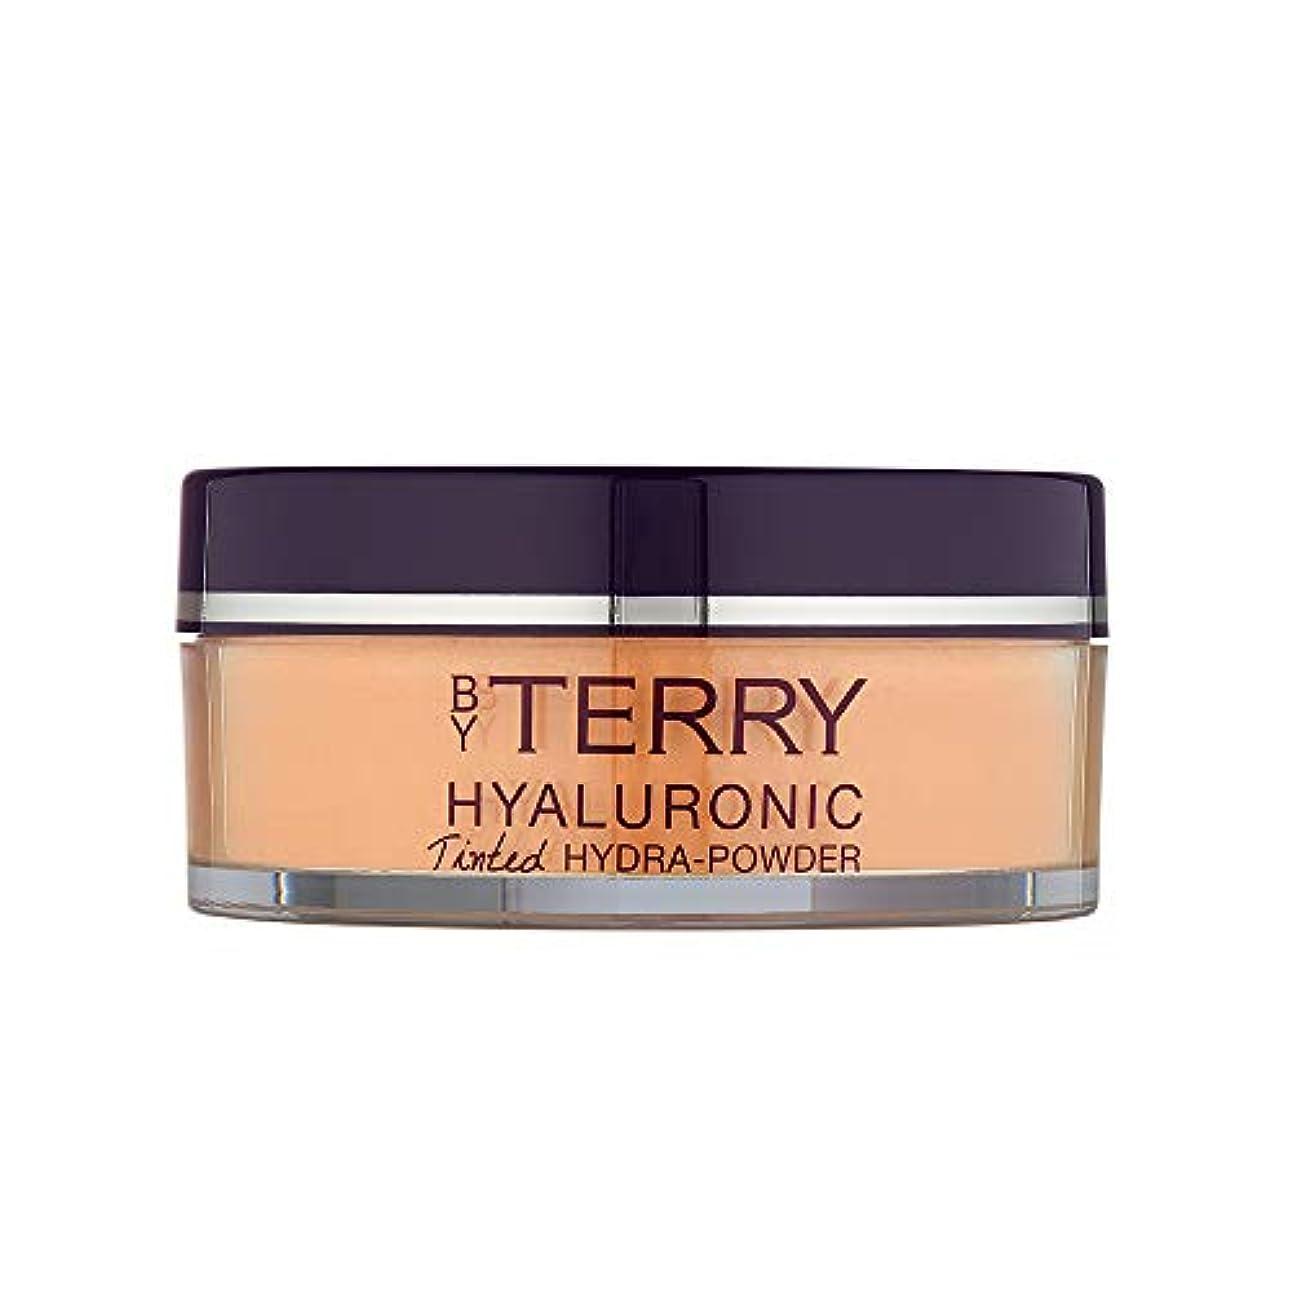 失礼くしゃくしゃ大脳バイテリー Hyaluronic Tinted Hydra Care Setting Powder - # 300 Medium Fair 10g/0.35oz並行輸入品